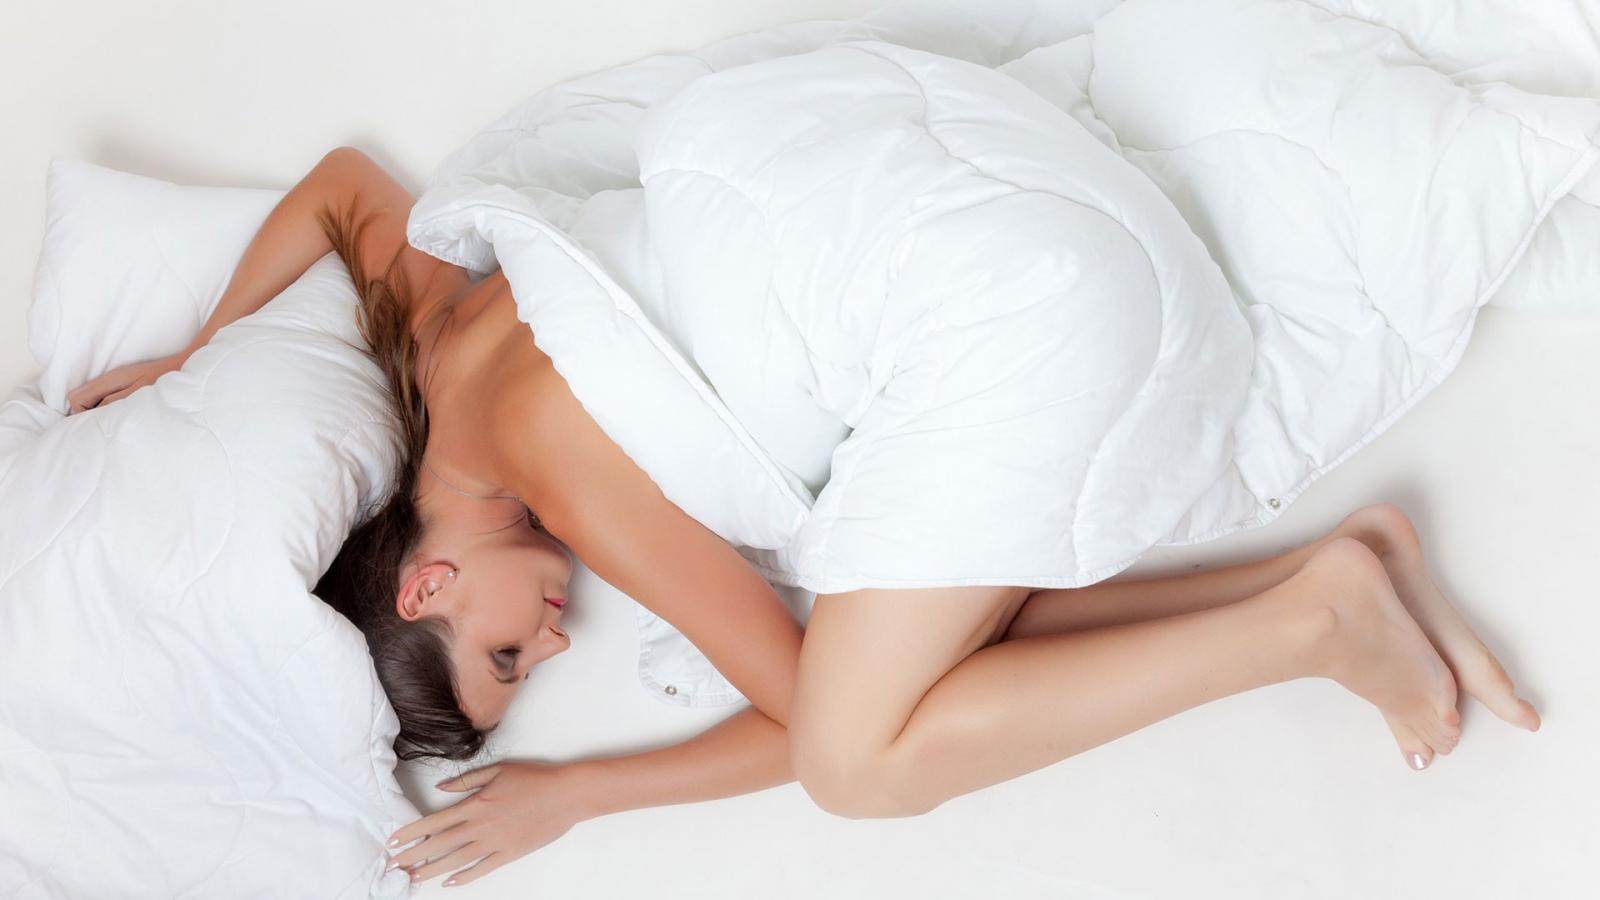 """เตือน!นอนหลับขาดตอน ส่งผลต่อสมอง เสี่ยง """"โรคหัวใจ-อ้วนลงพุง"""""""